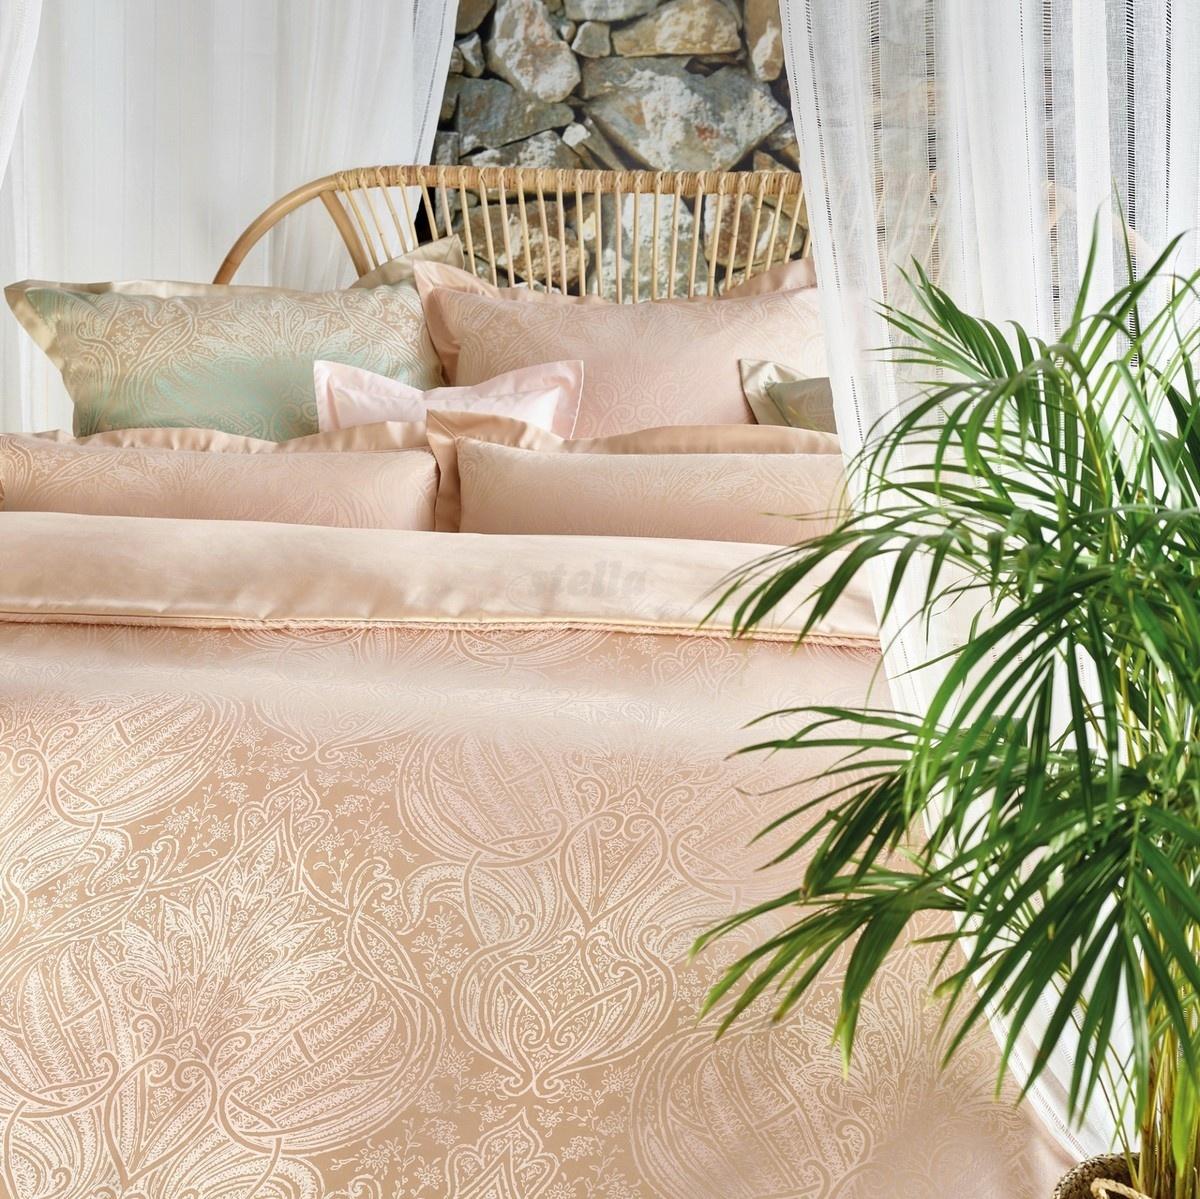 Stella Ateliers Damaškový povlak na polštářek Reena rose opál, 80 x 80 cm